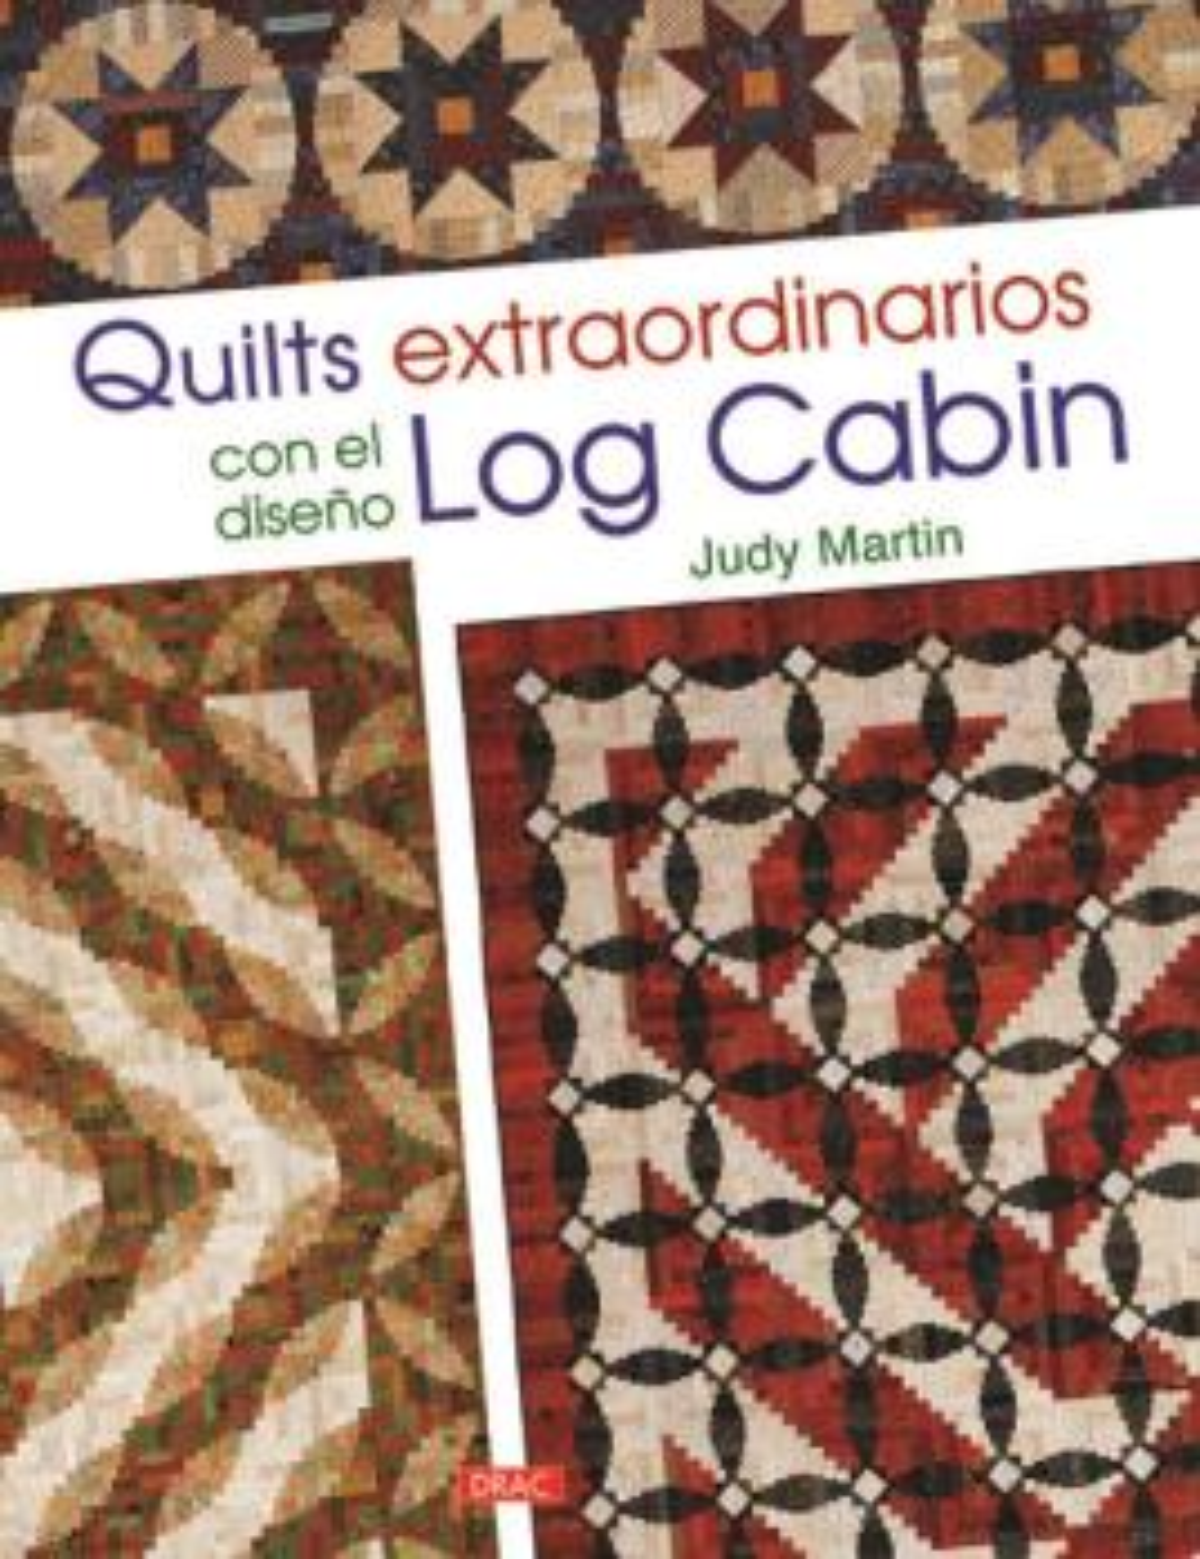 Quilts extraordinarios con diseño log cabin 9788498745443